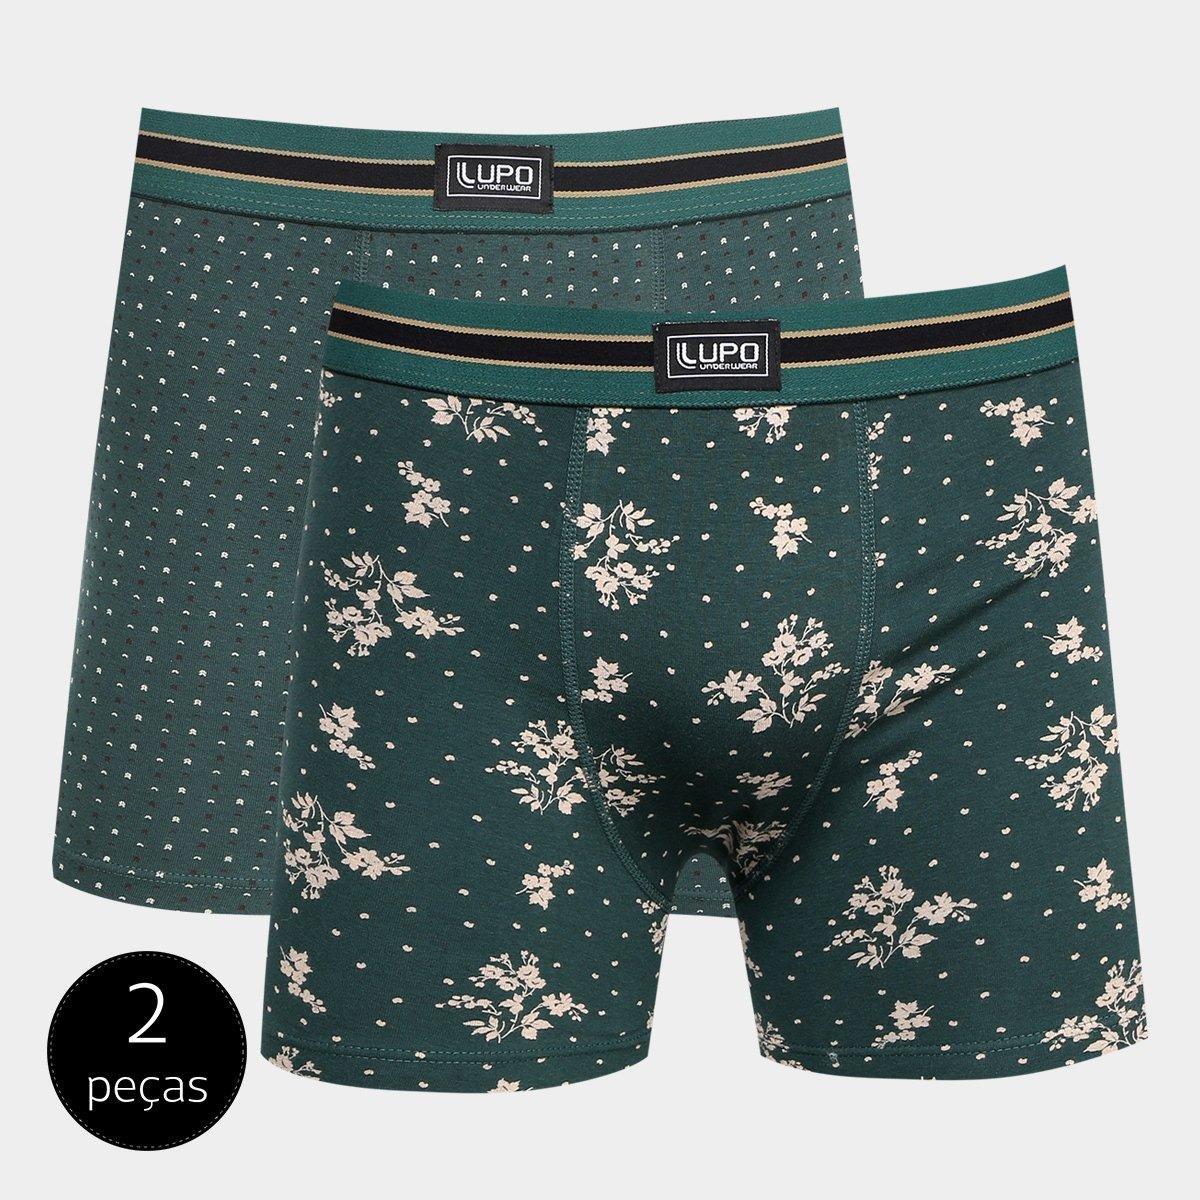 07652811239dc8 Kit Cueca Boxer Lupo Algodão Elastano 2 Peças - Verde e Cinza | Netshoes